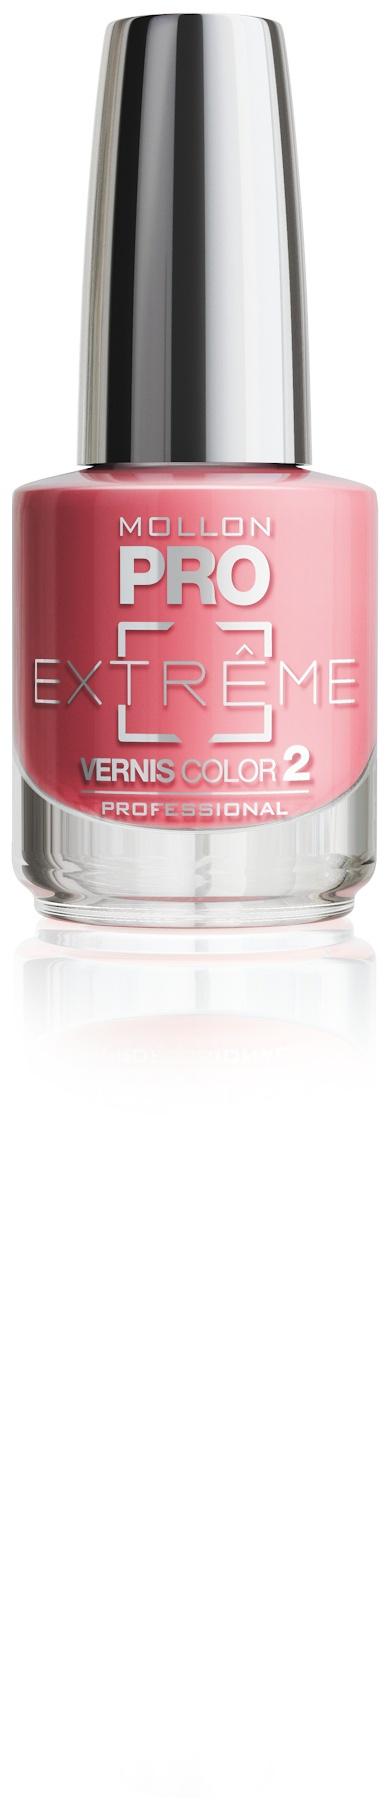 Цветное покрытие для ногтей MOLLON PRO EXTREME VERNIS COLOR, №36